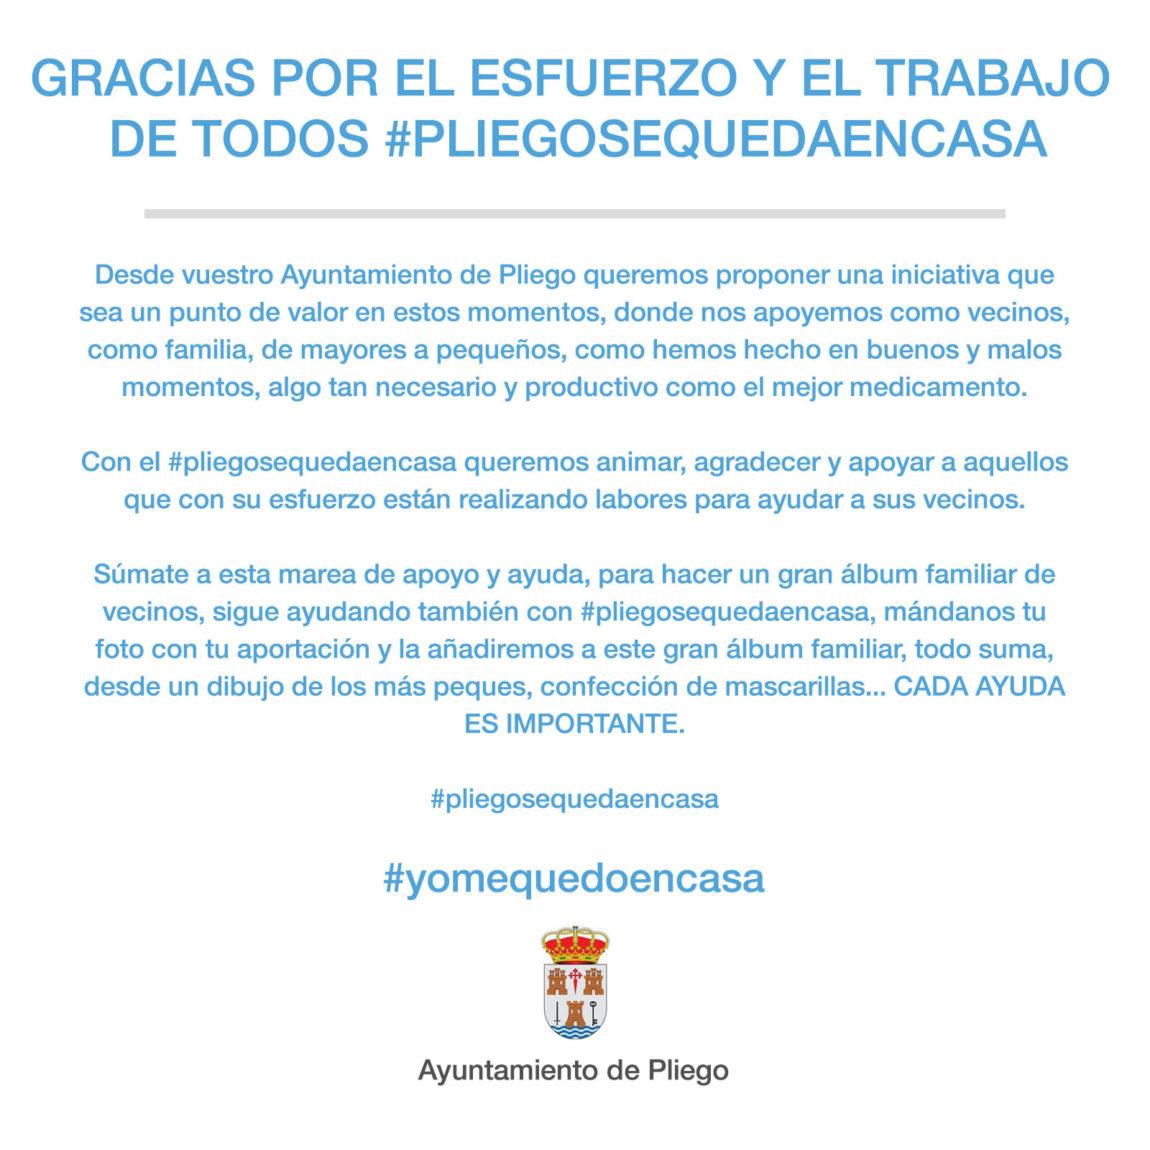 Gracias por el esfuerzo y el trabajo de todos #pliegosequedaencasa